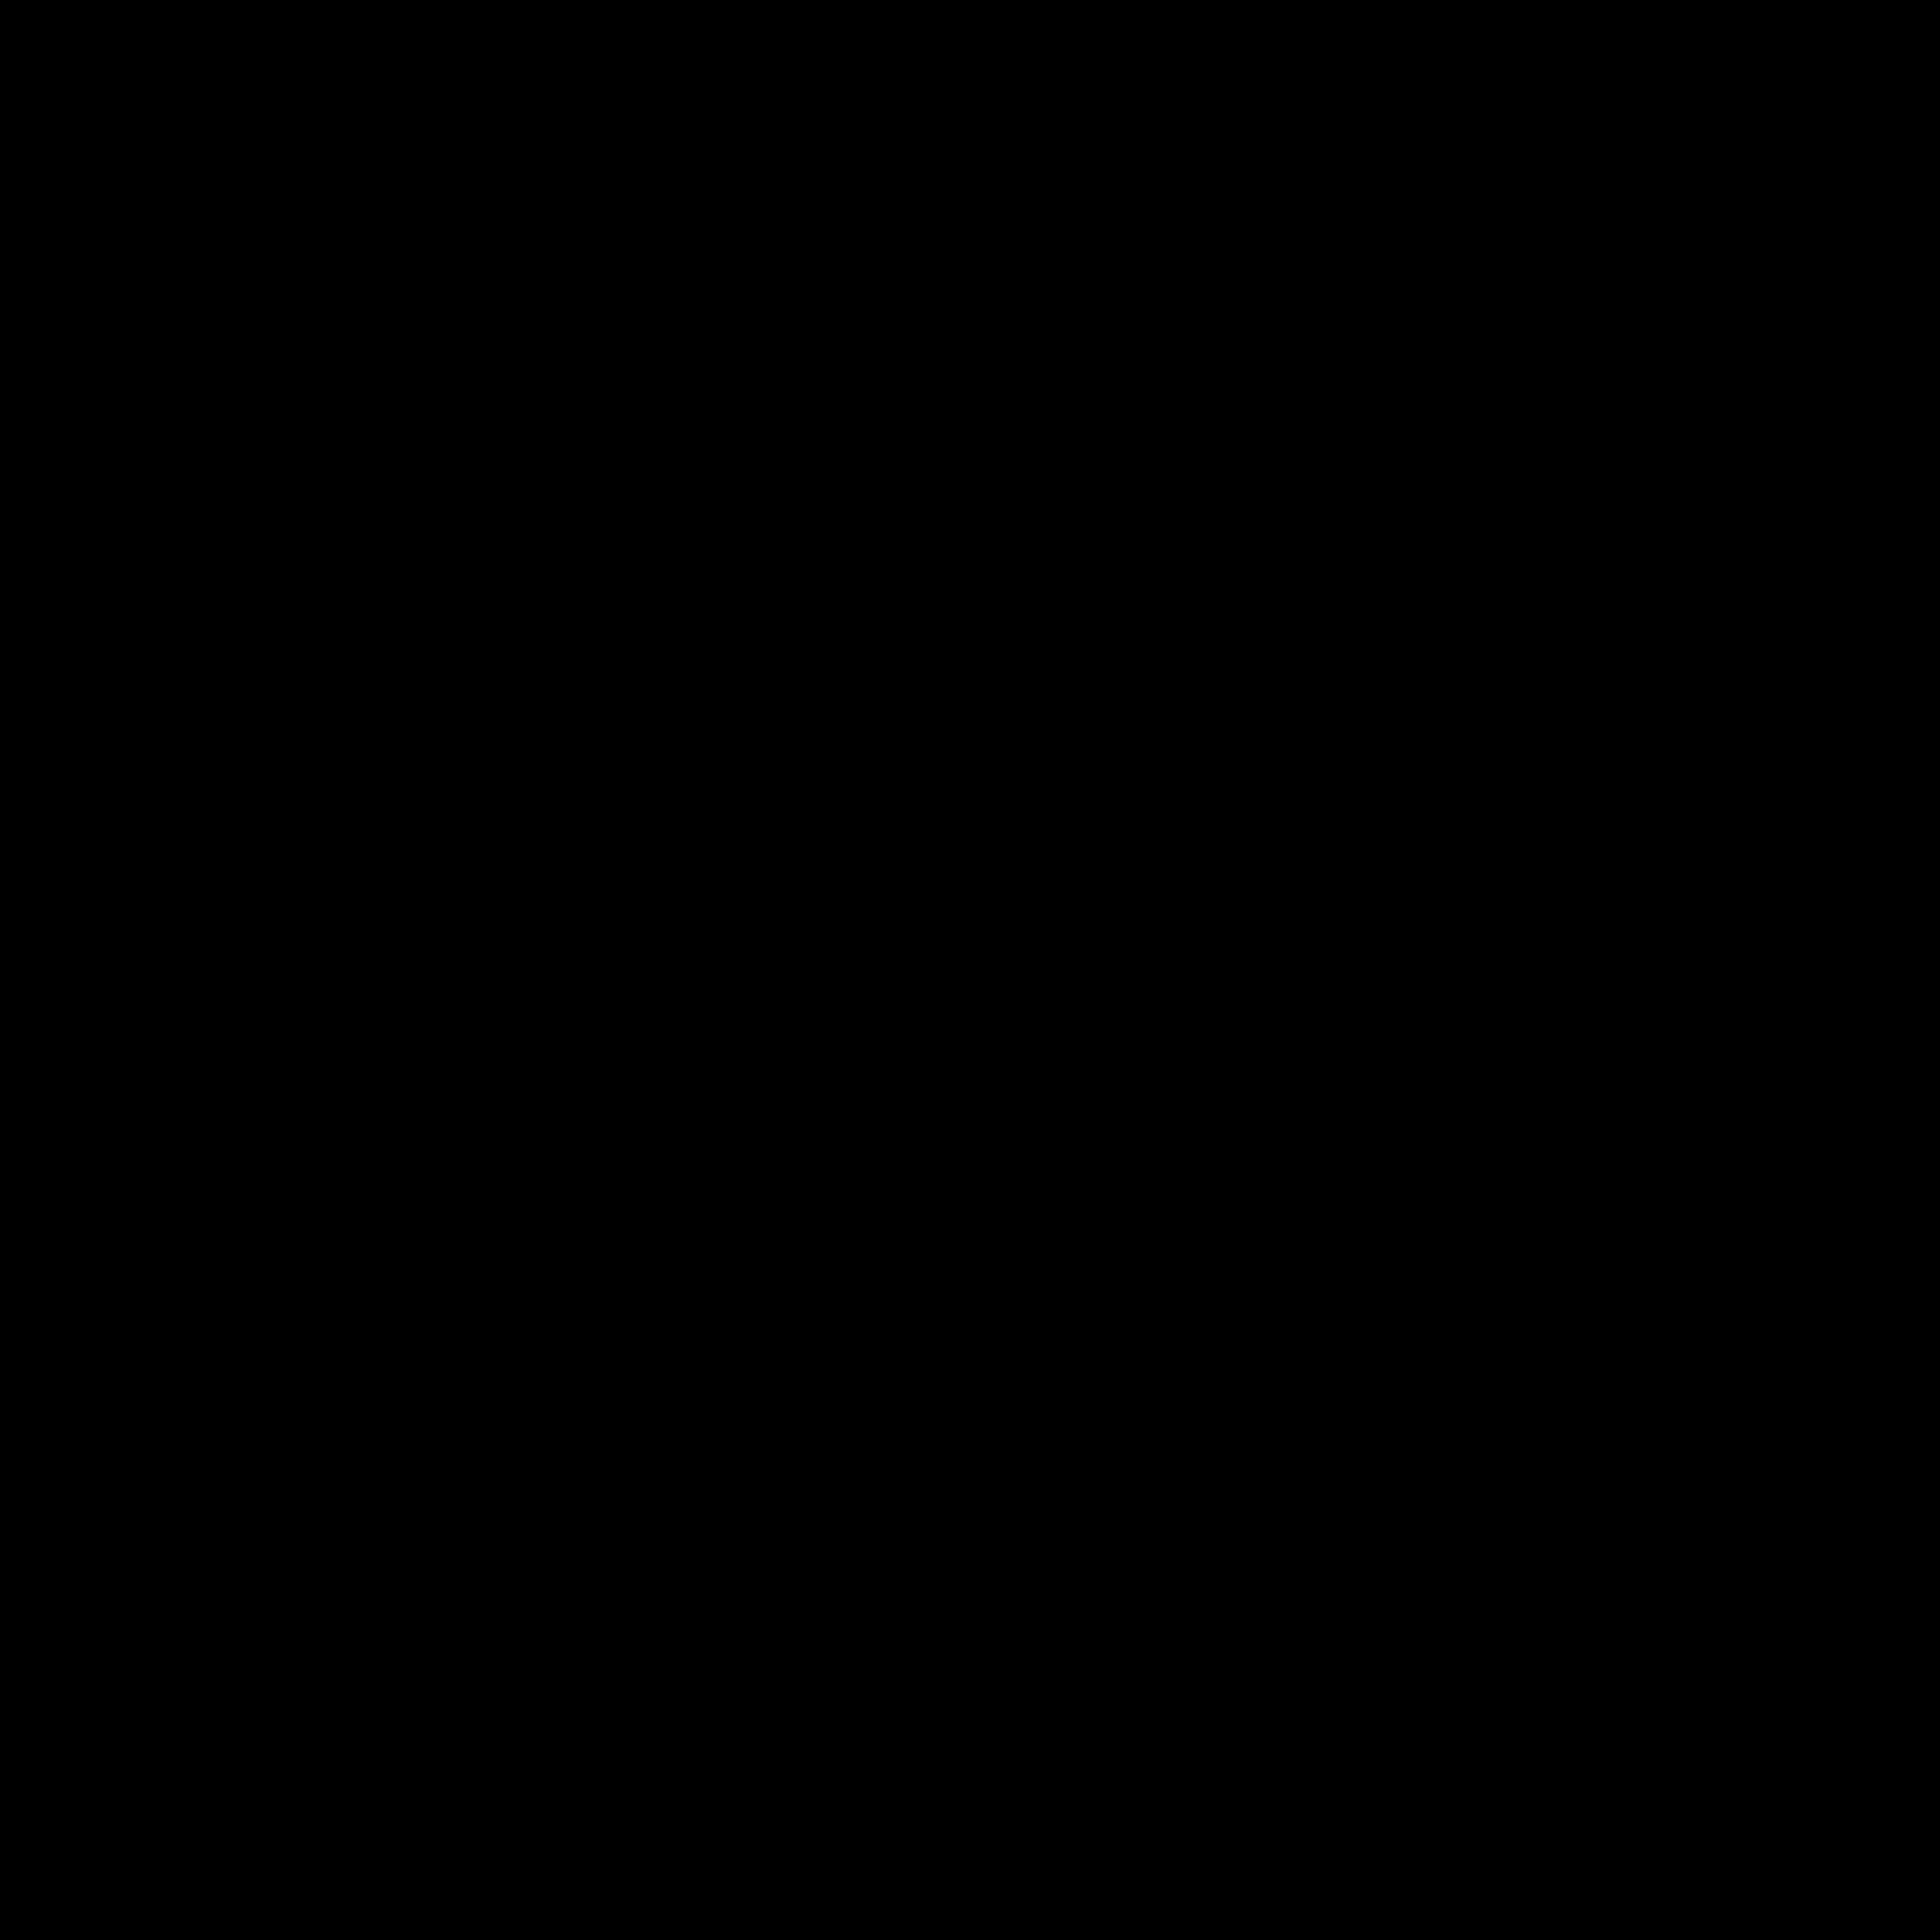 official supplier buy online meet bas de jogging adidas decathlon